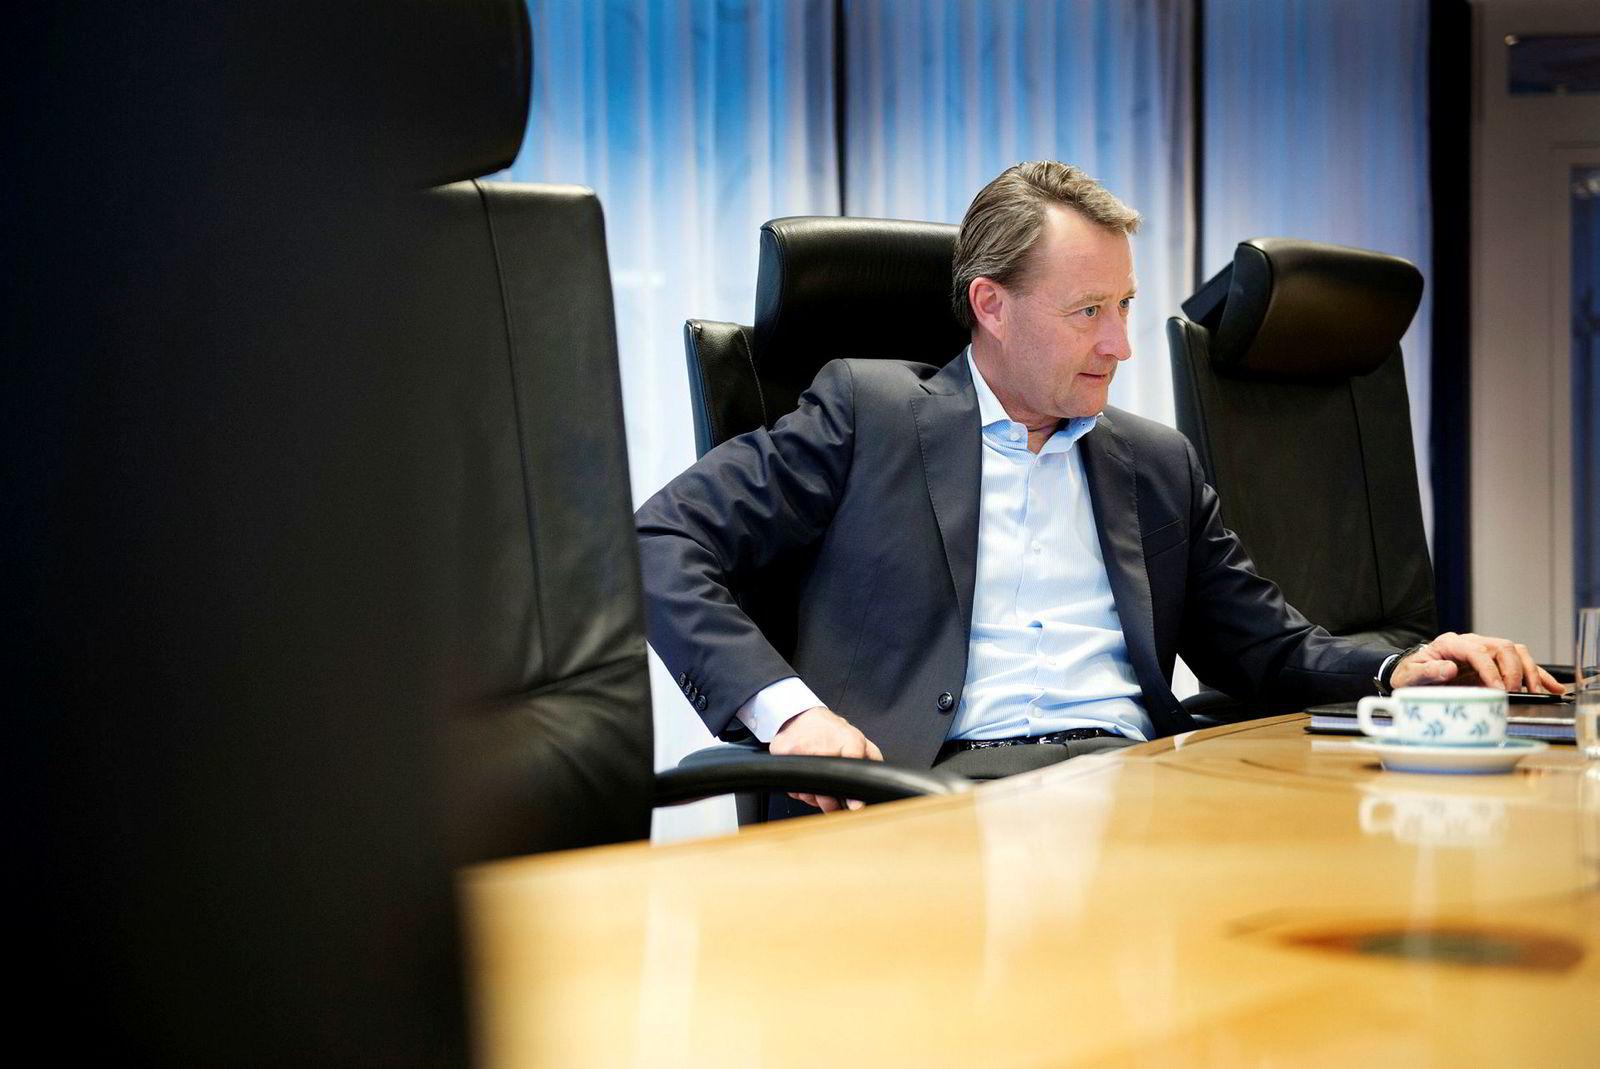 Bjørn Rune Gjelsten startet med investeringer i sportsbransjen i 1982. 35 år senere har han gjennom Sport 1-kjeden vesentlige markedsandeler.